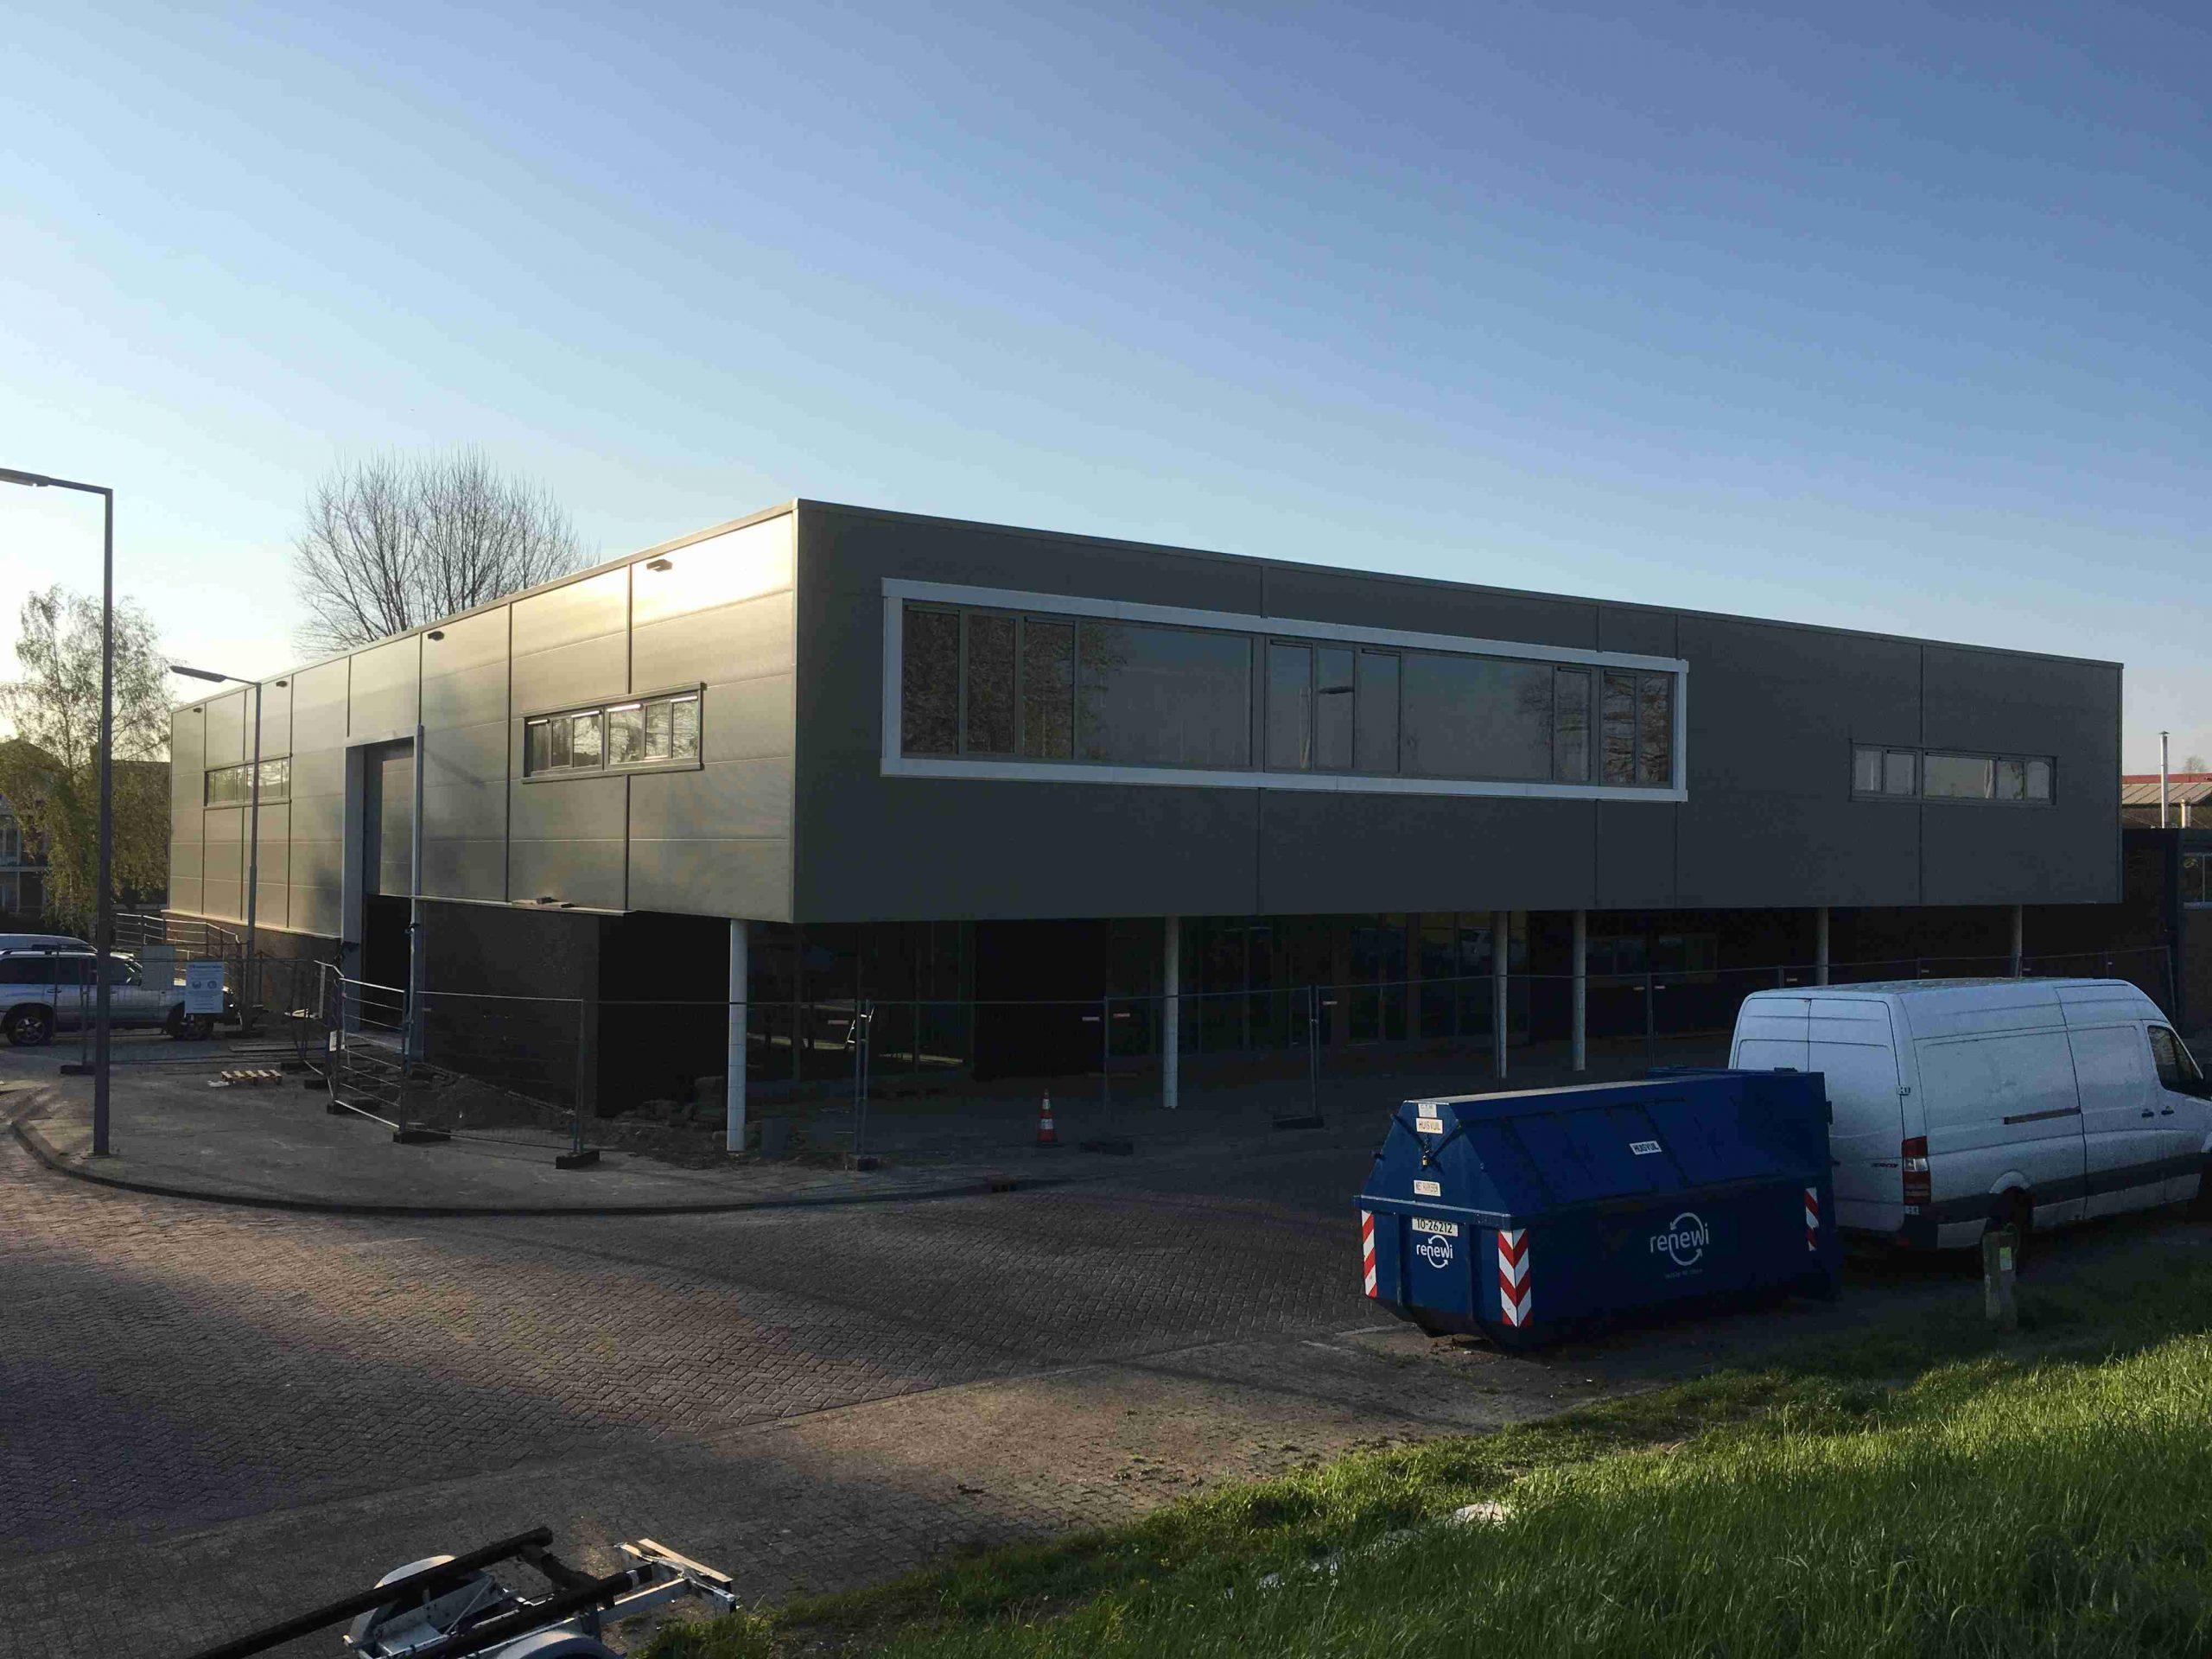 Bedrijfshal + Kantoor firma Lens te Rotterdam